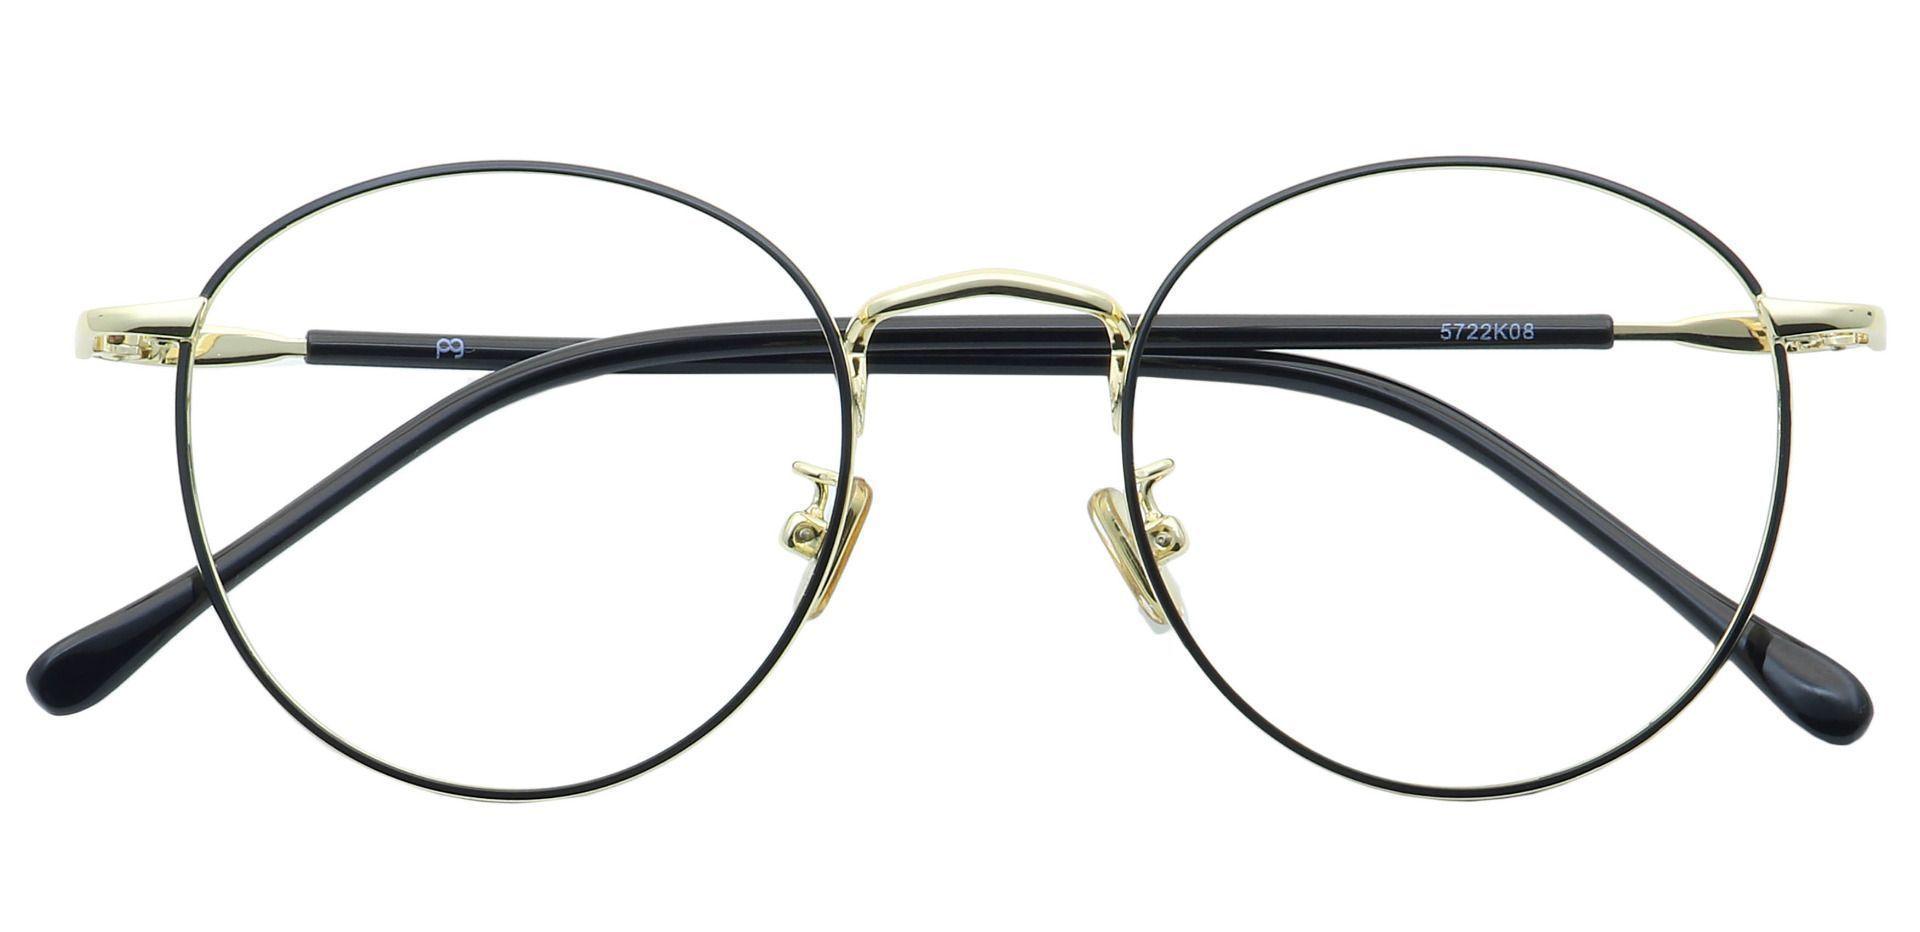 Metro Round Prescription Glasses - Black